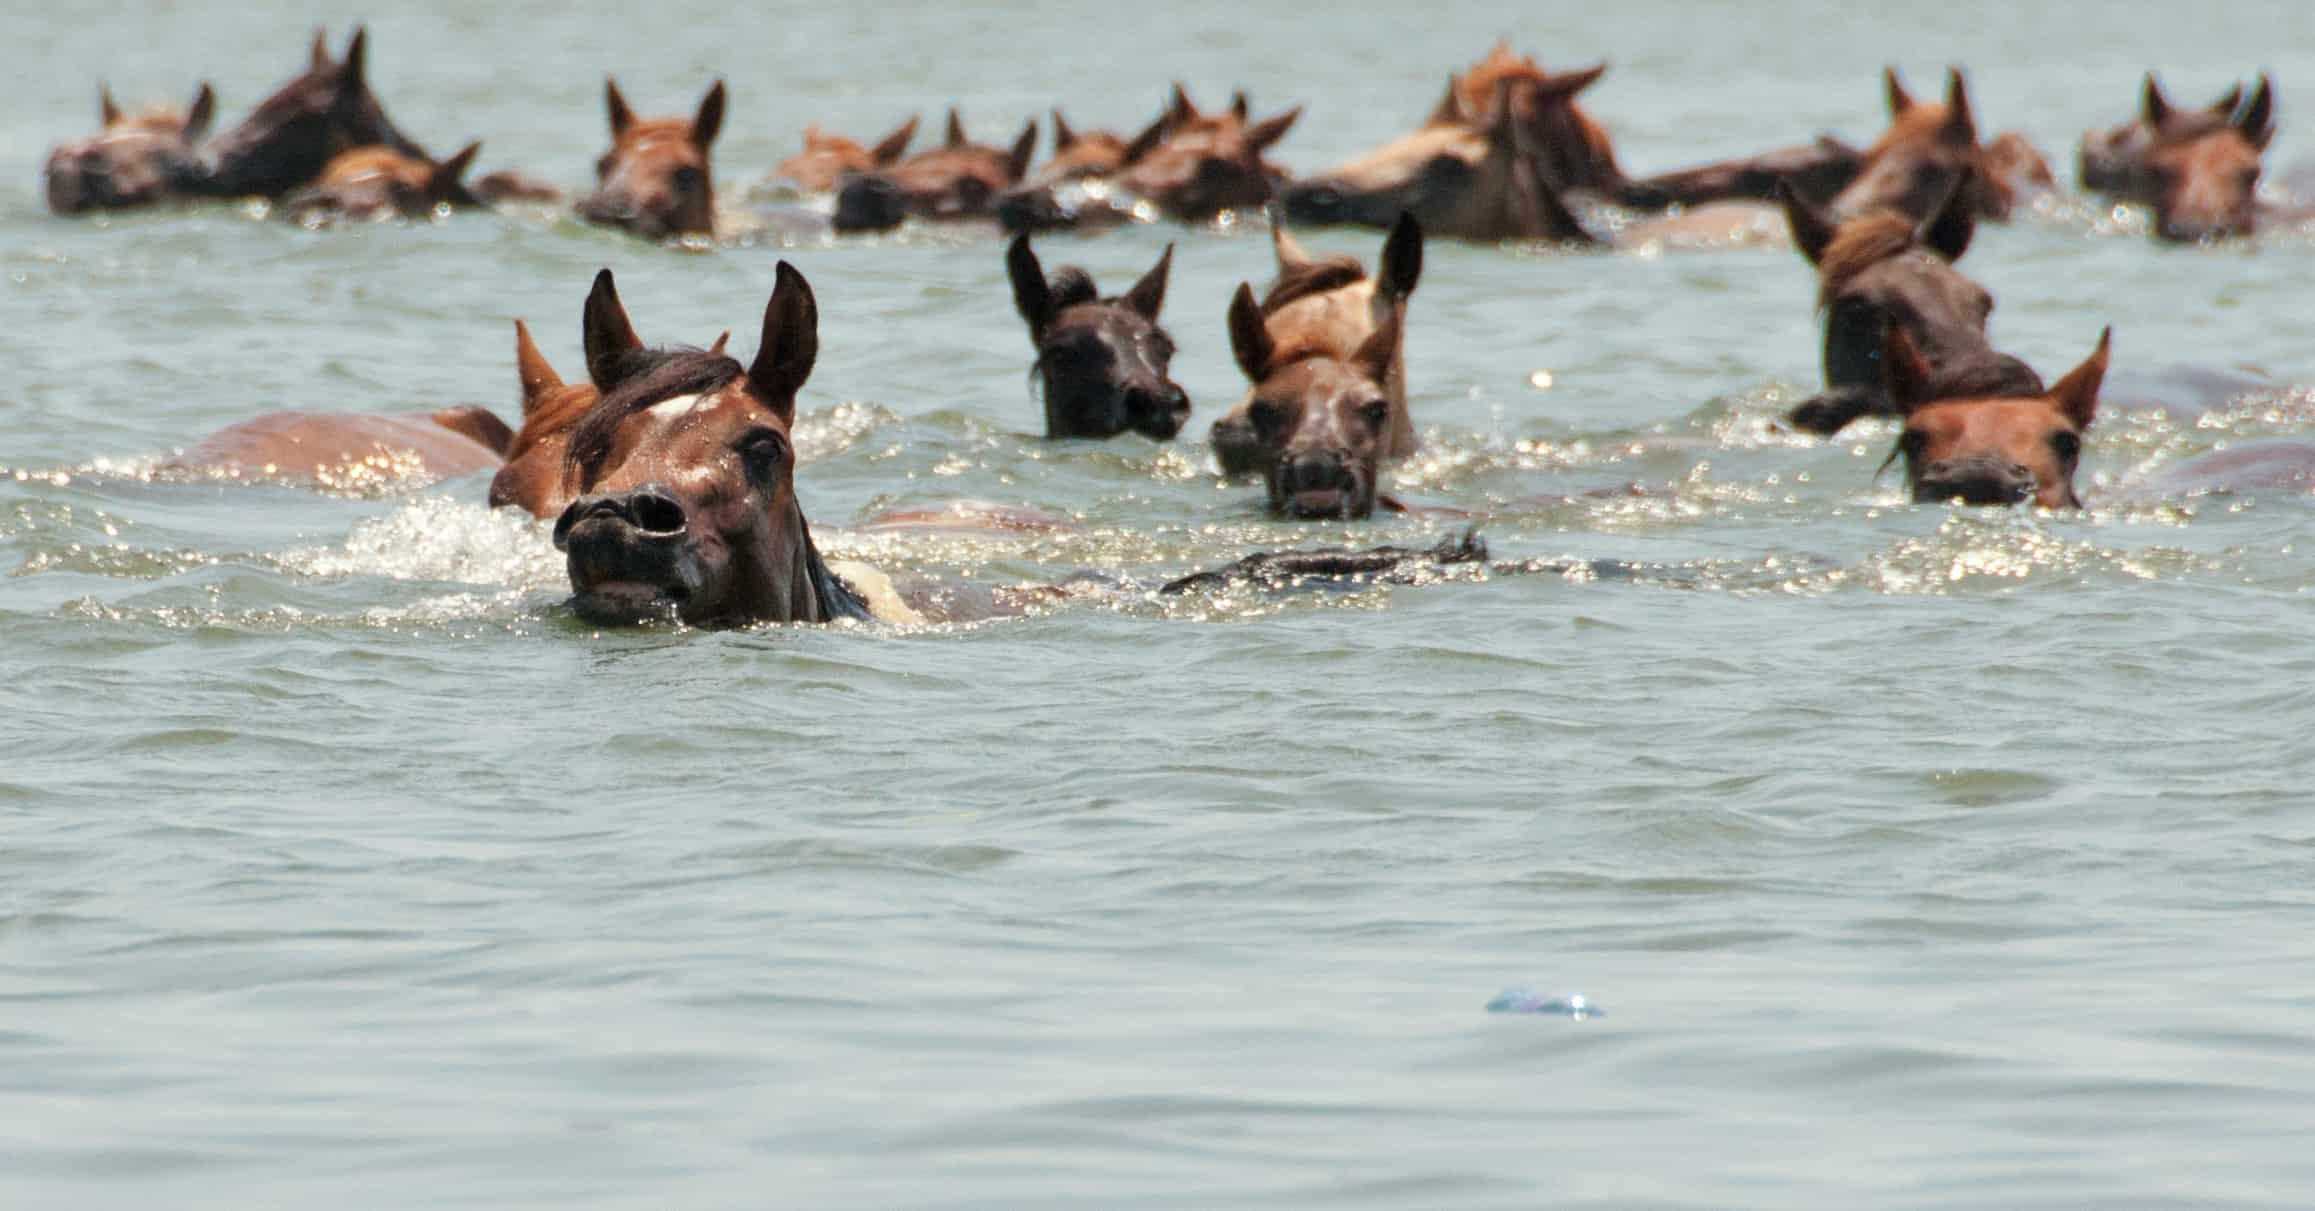 Chincoteague_Pony_swim_by_Bonnie_Gruenberg